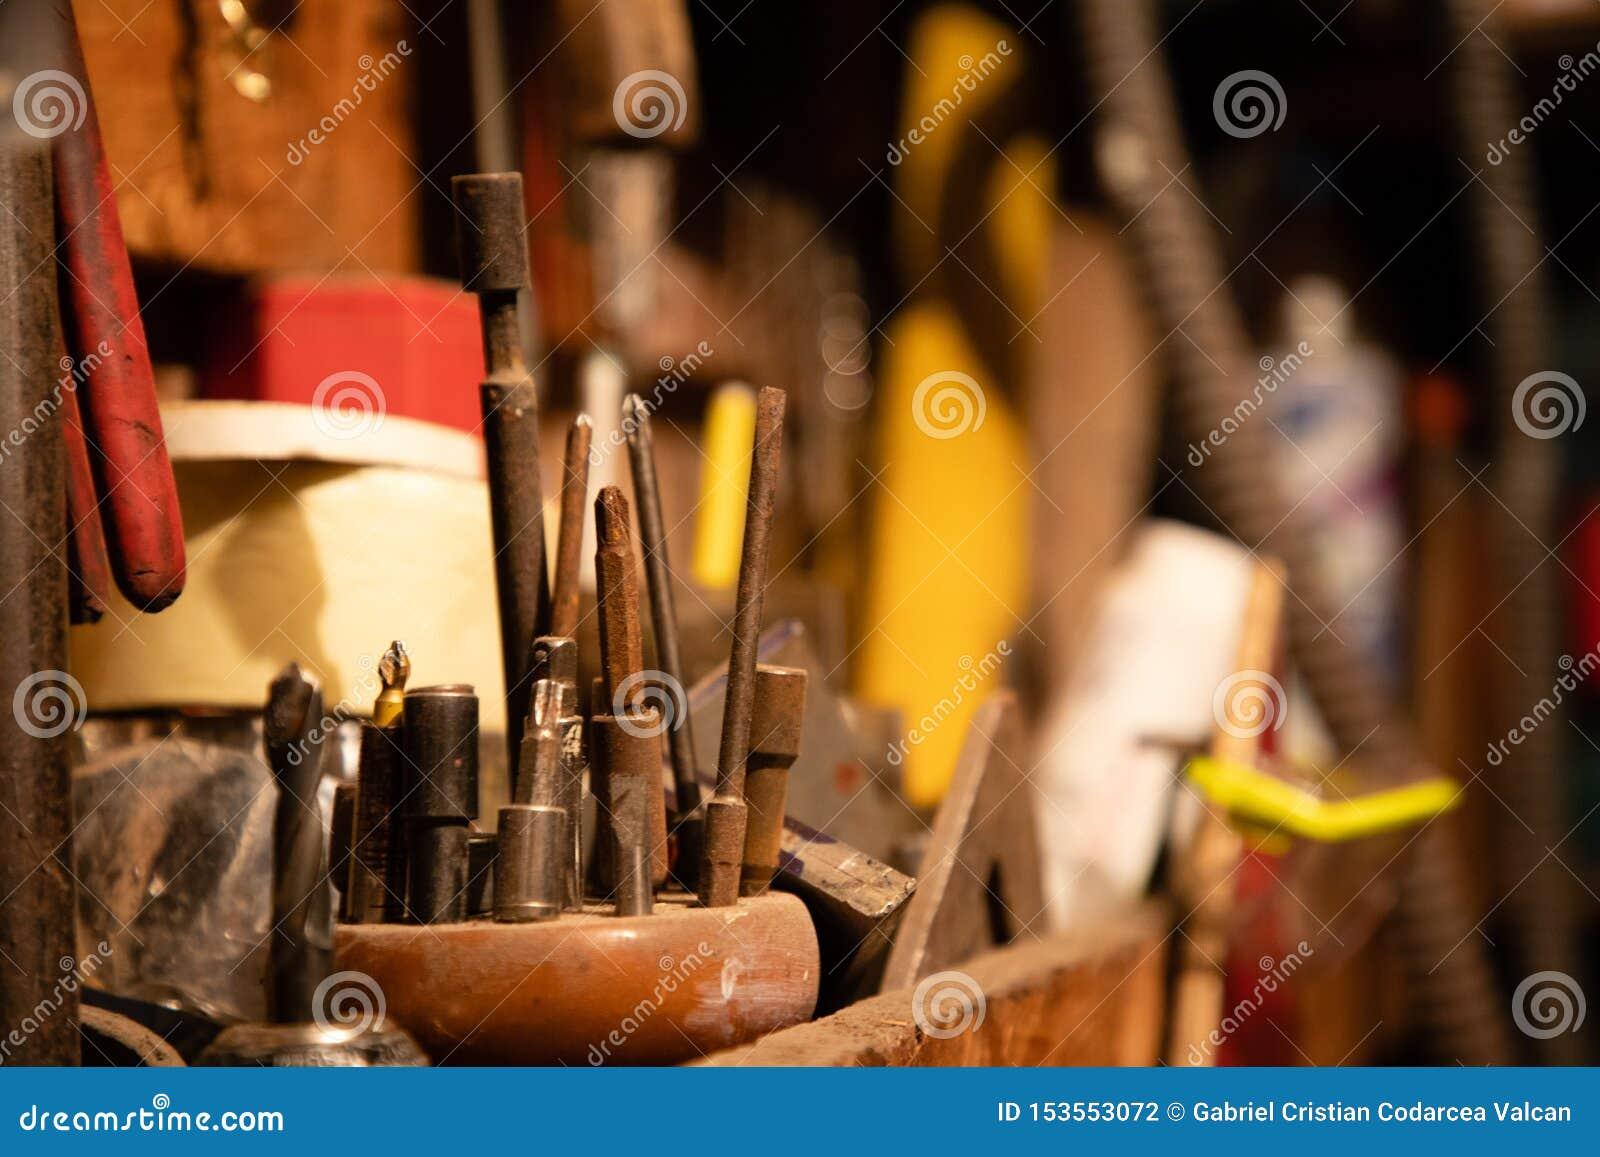 Olika skruvmejslar och andra hjälpmedel på garage